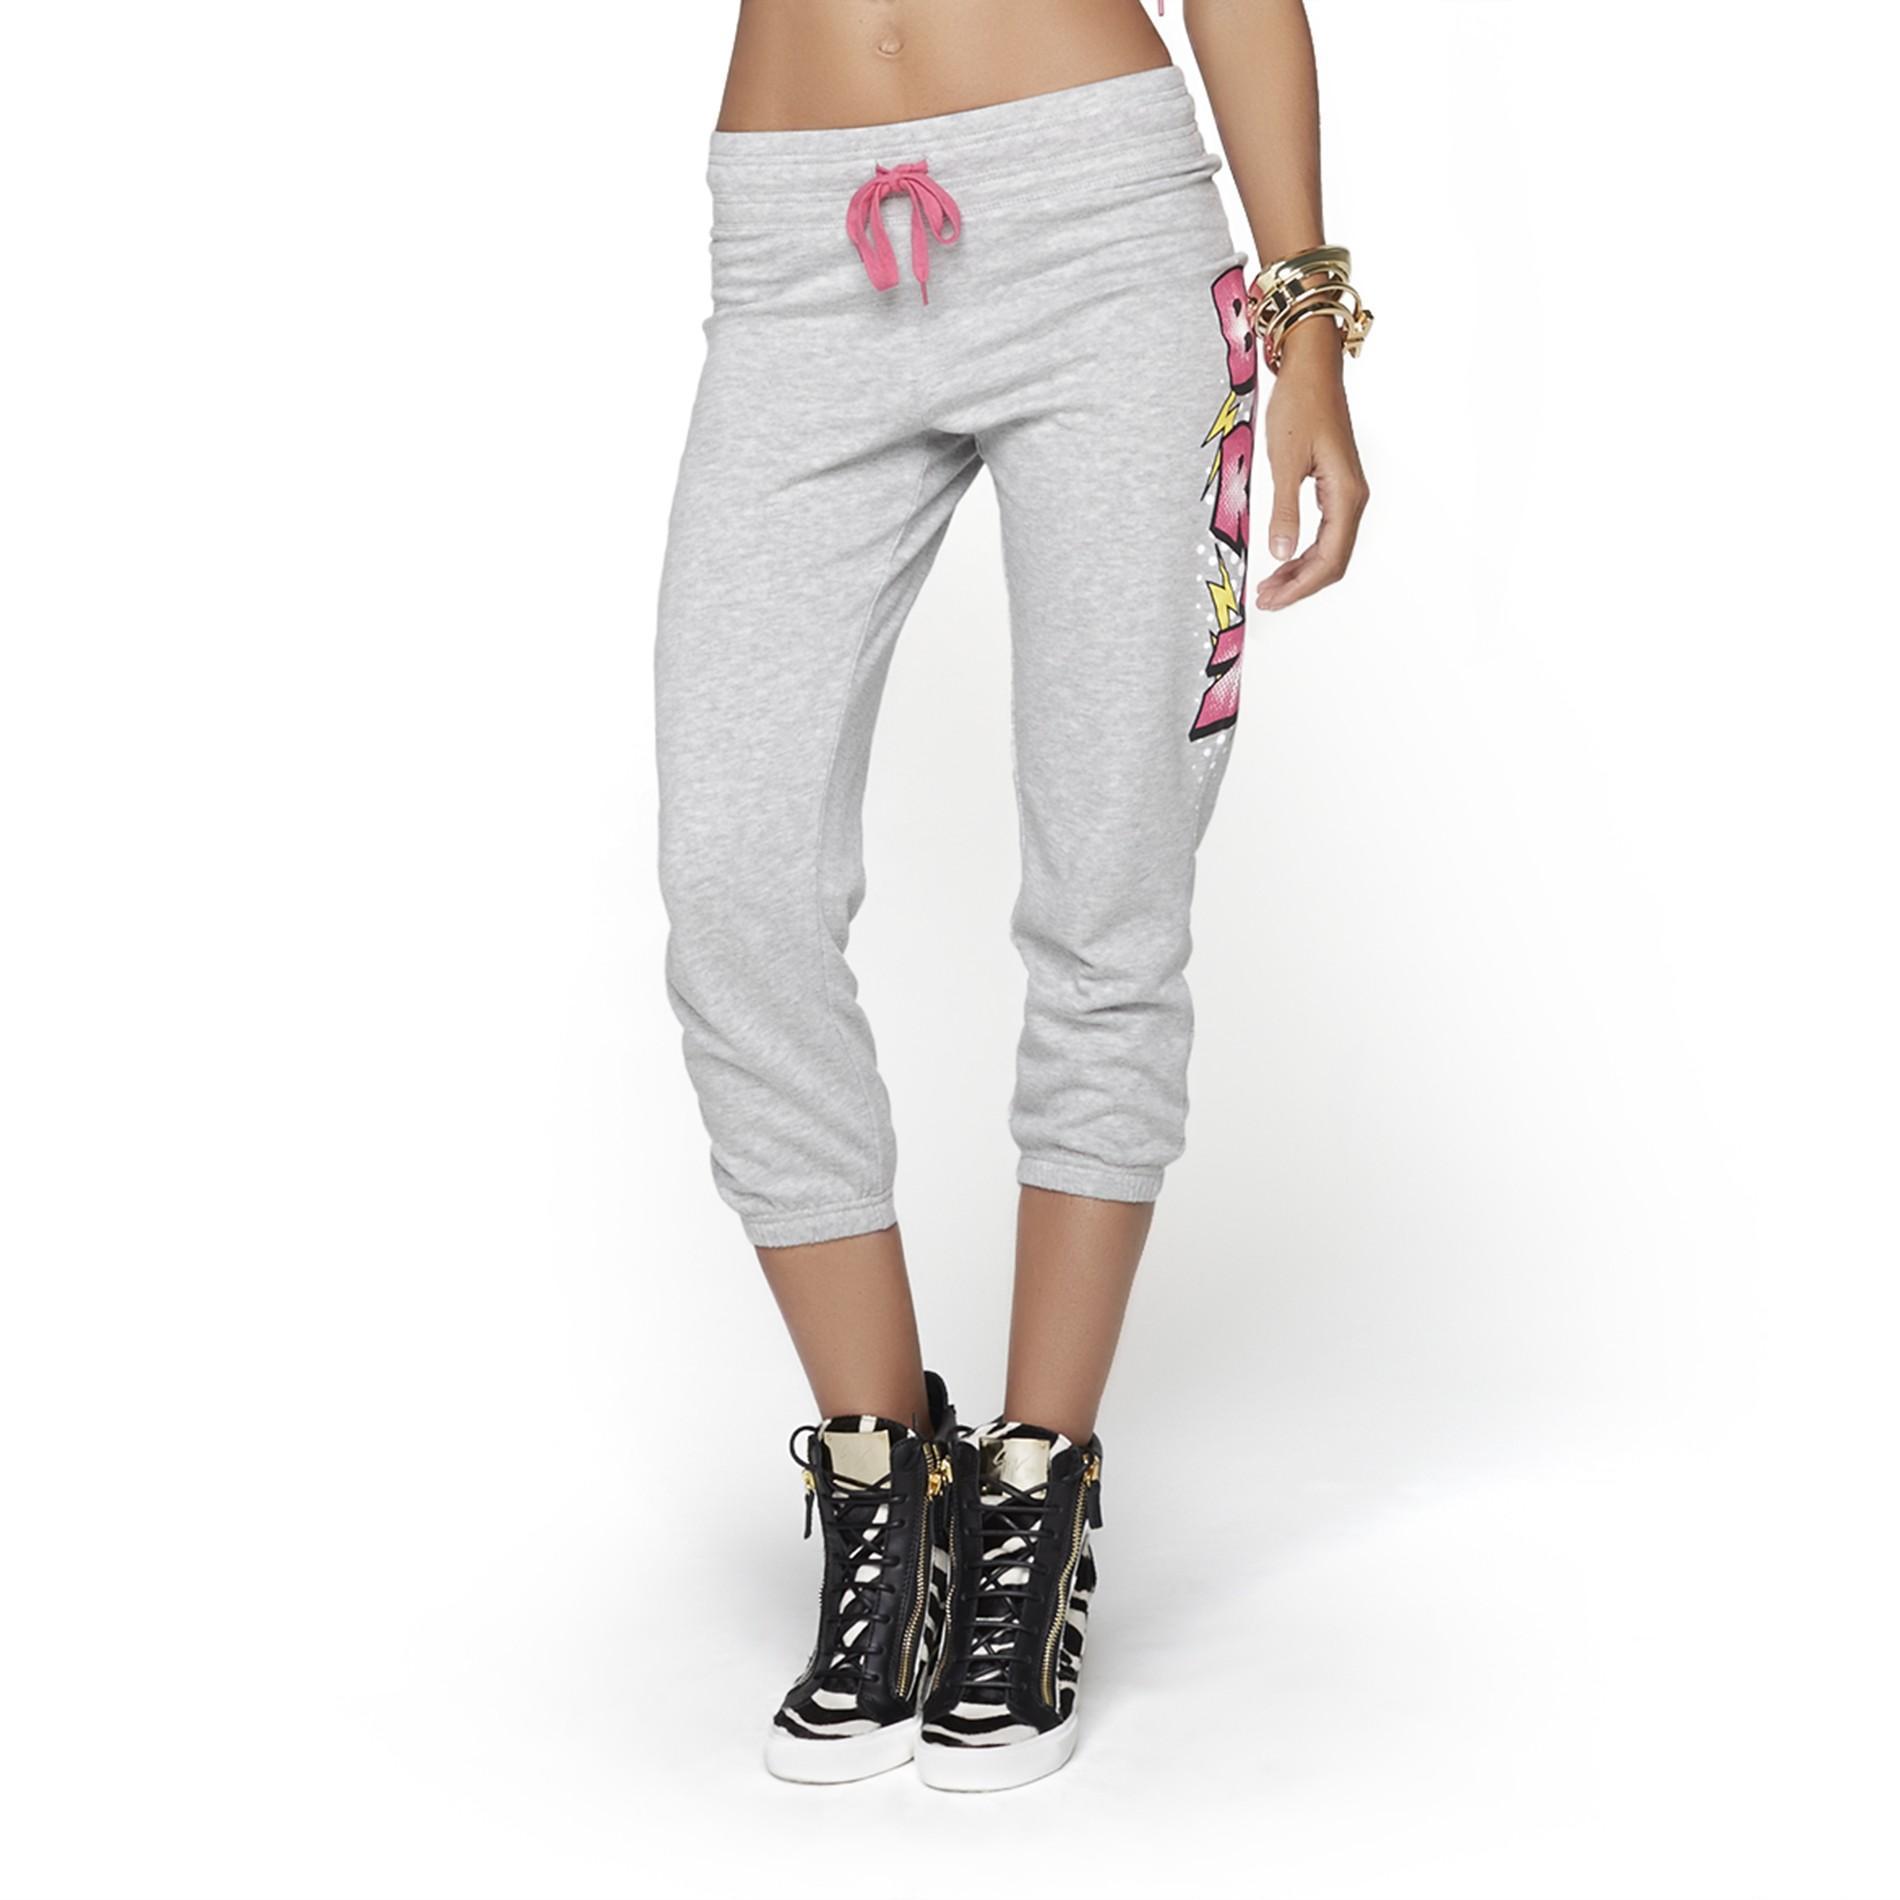 Nicki Minaj Women's Cropped Drawstring Pants - Barbz